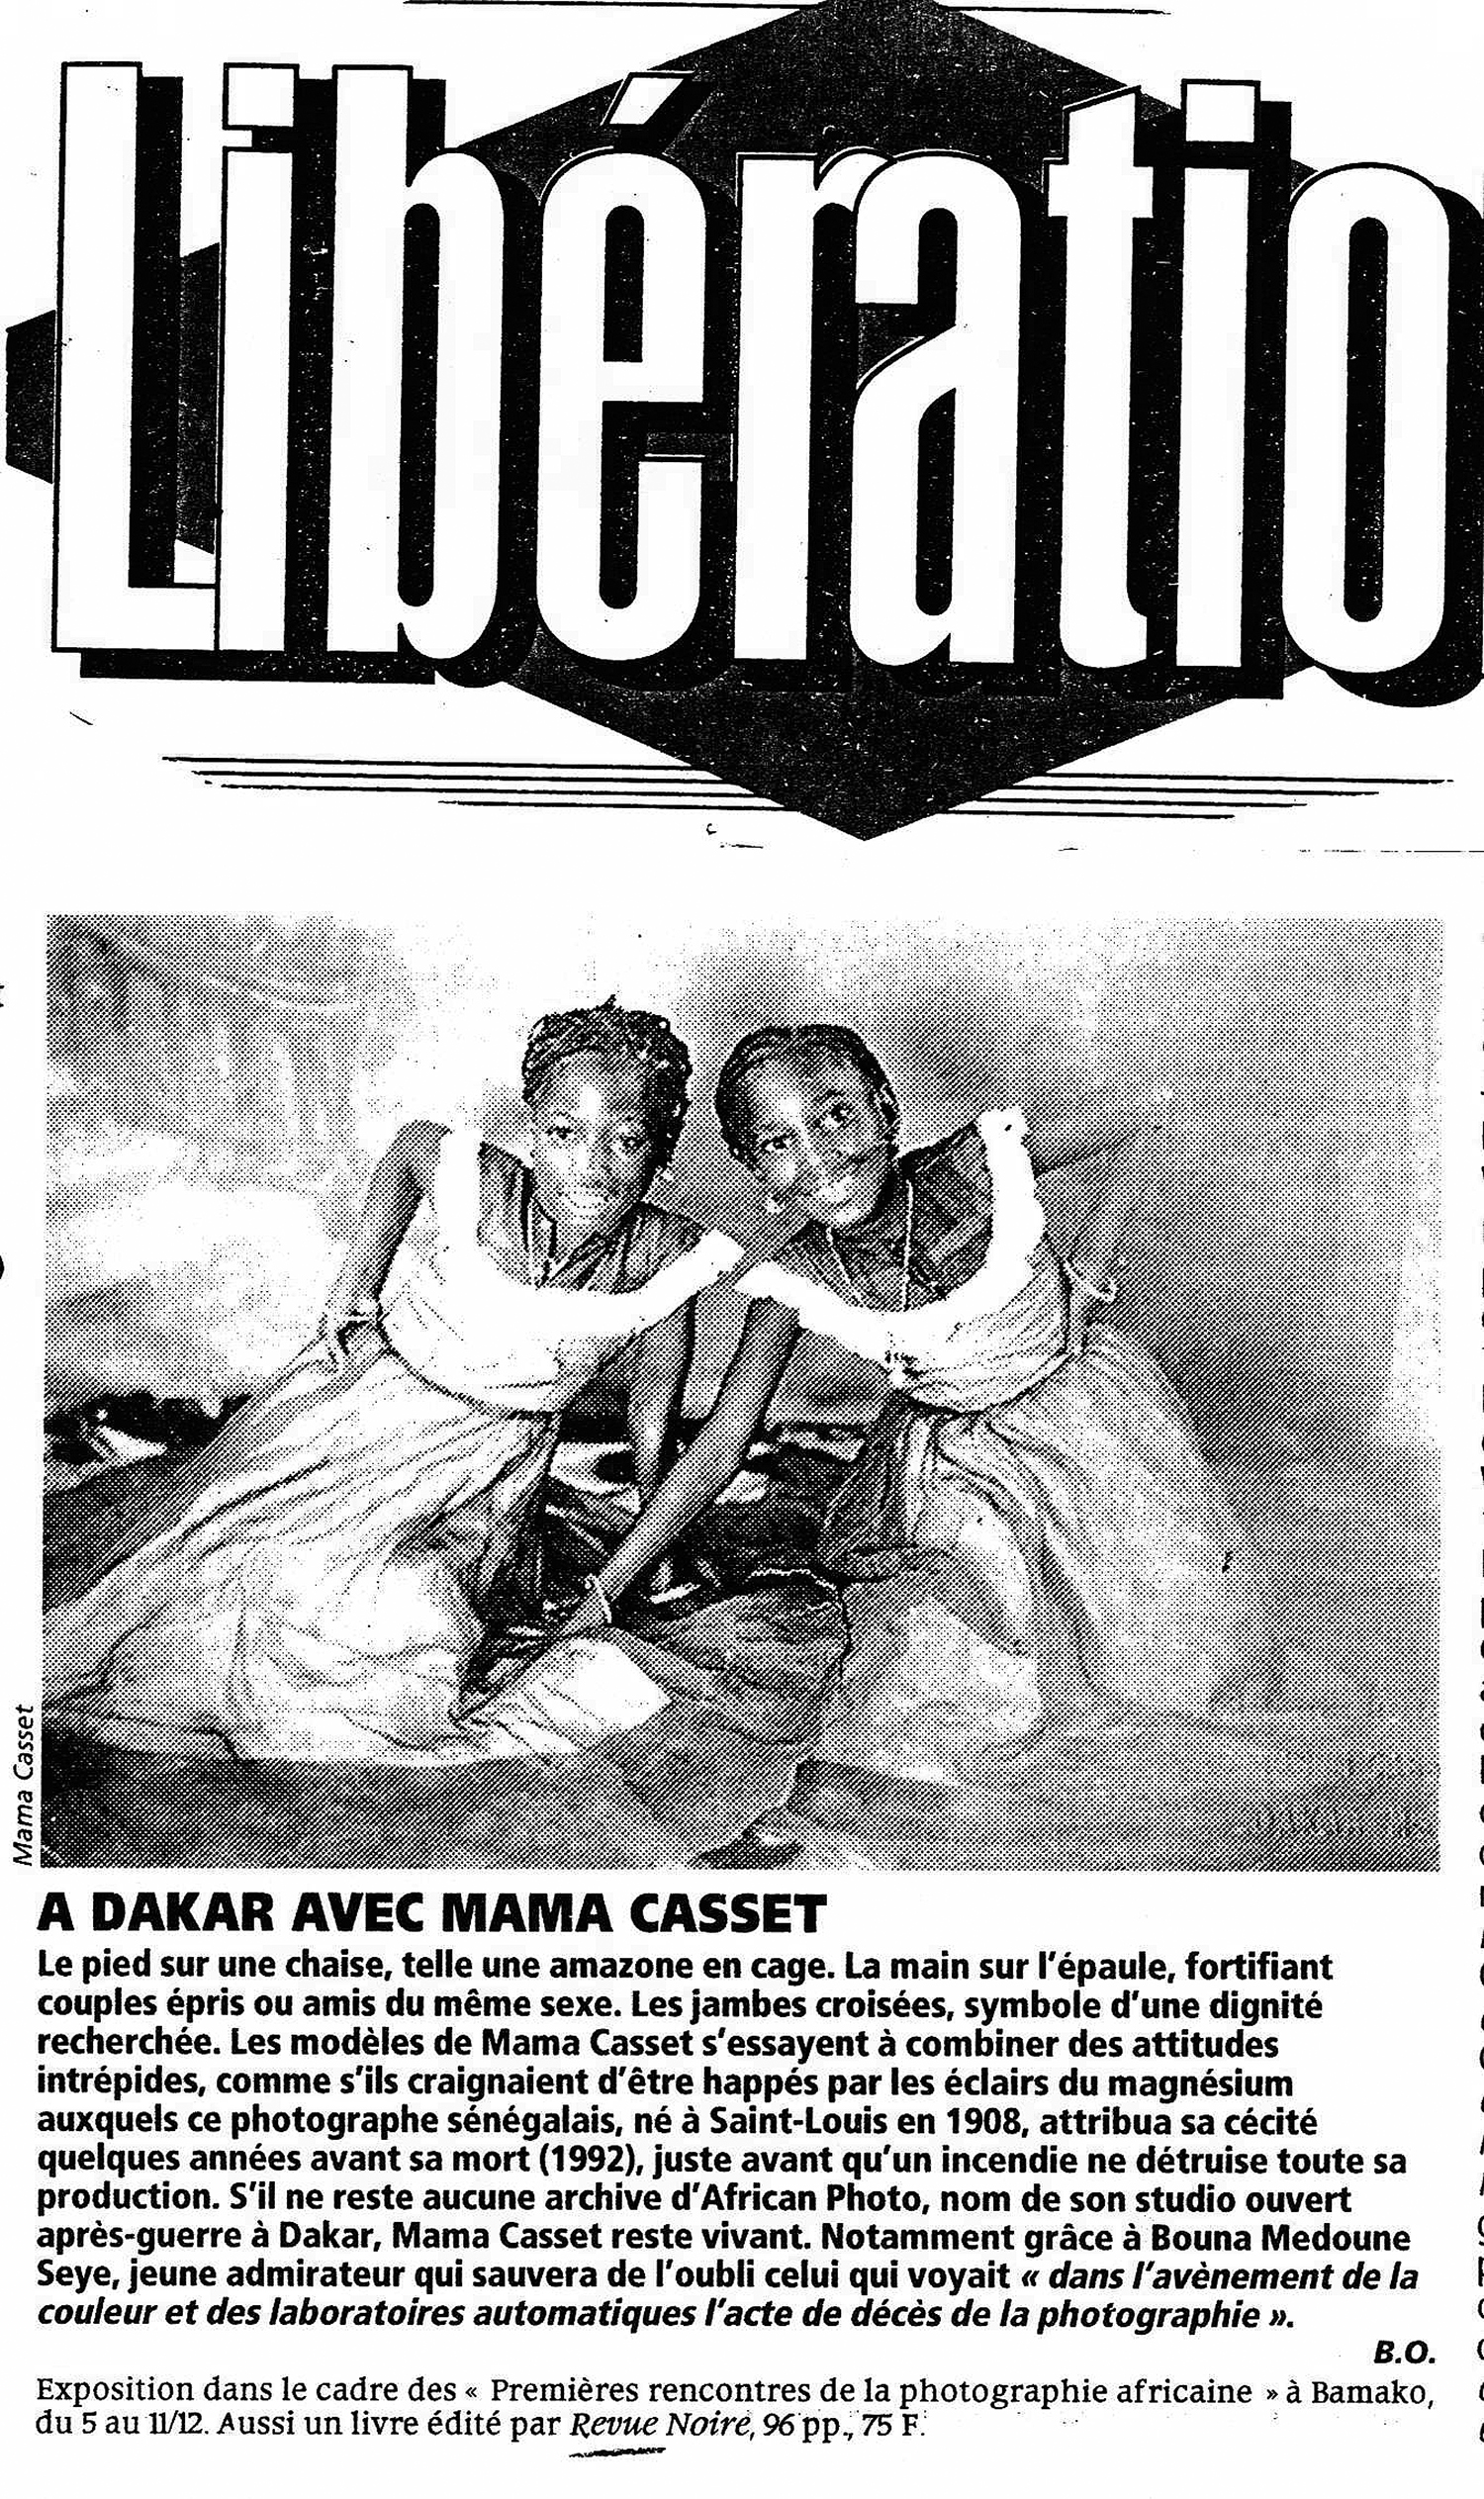 Revue Noire revue de presse: Libération déc 1994 par Brigitte Olier. À Dakar avec Mama Casset. 1ère Rencontre de la Photographie Africaine à Bamako avec Revue Noire